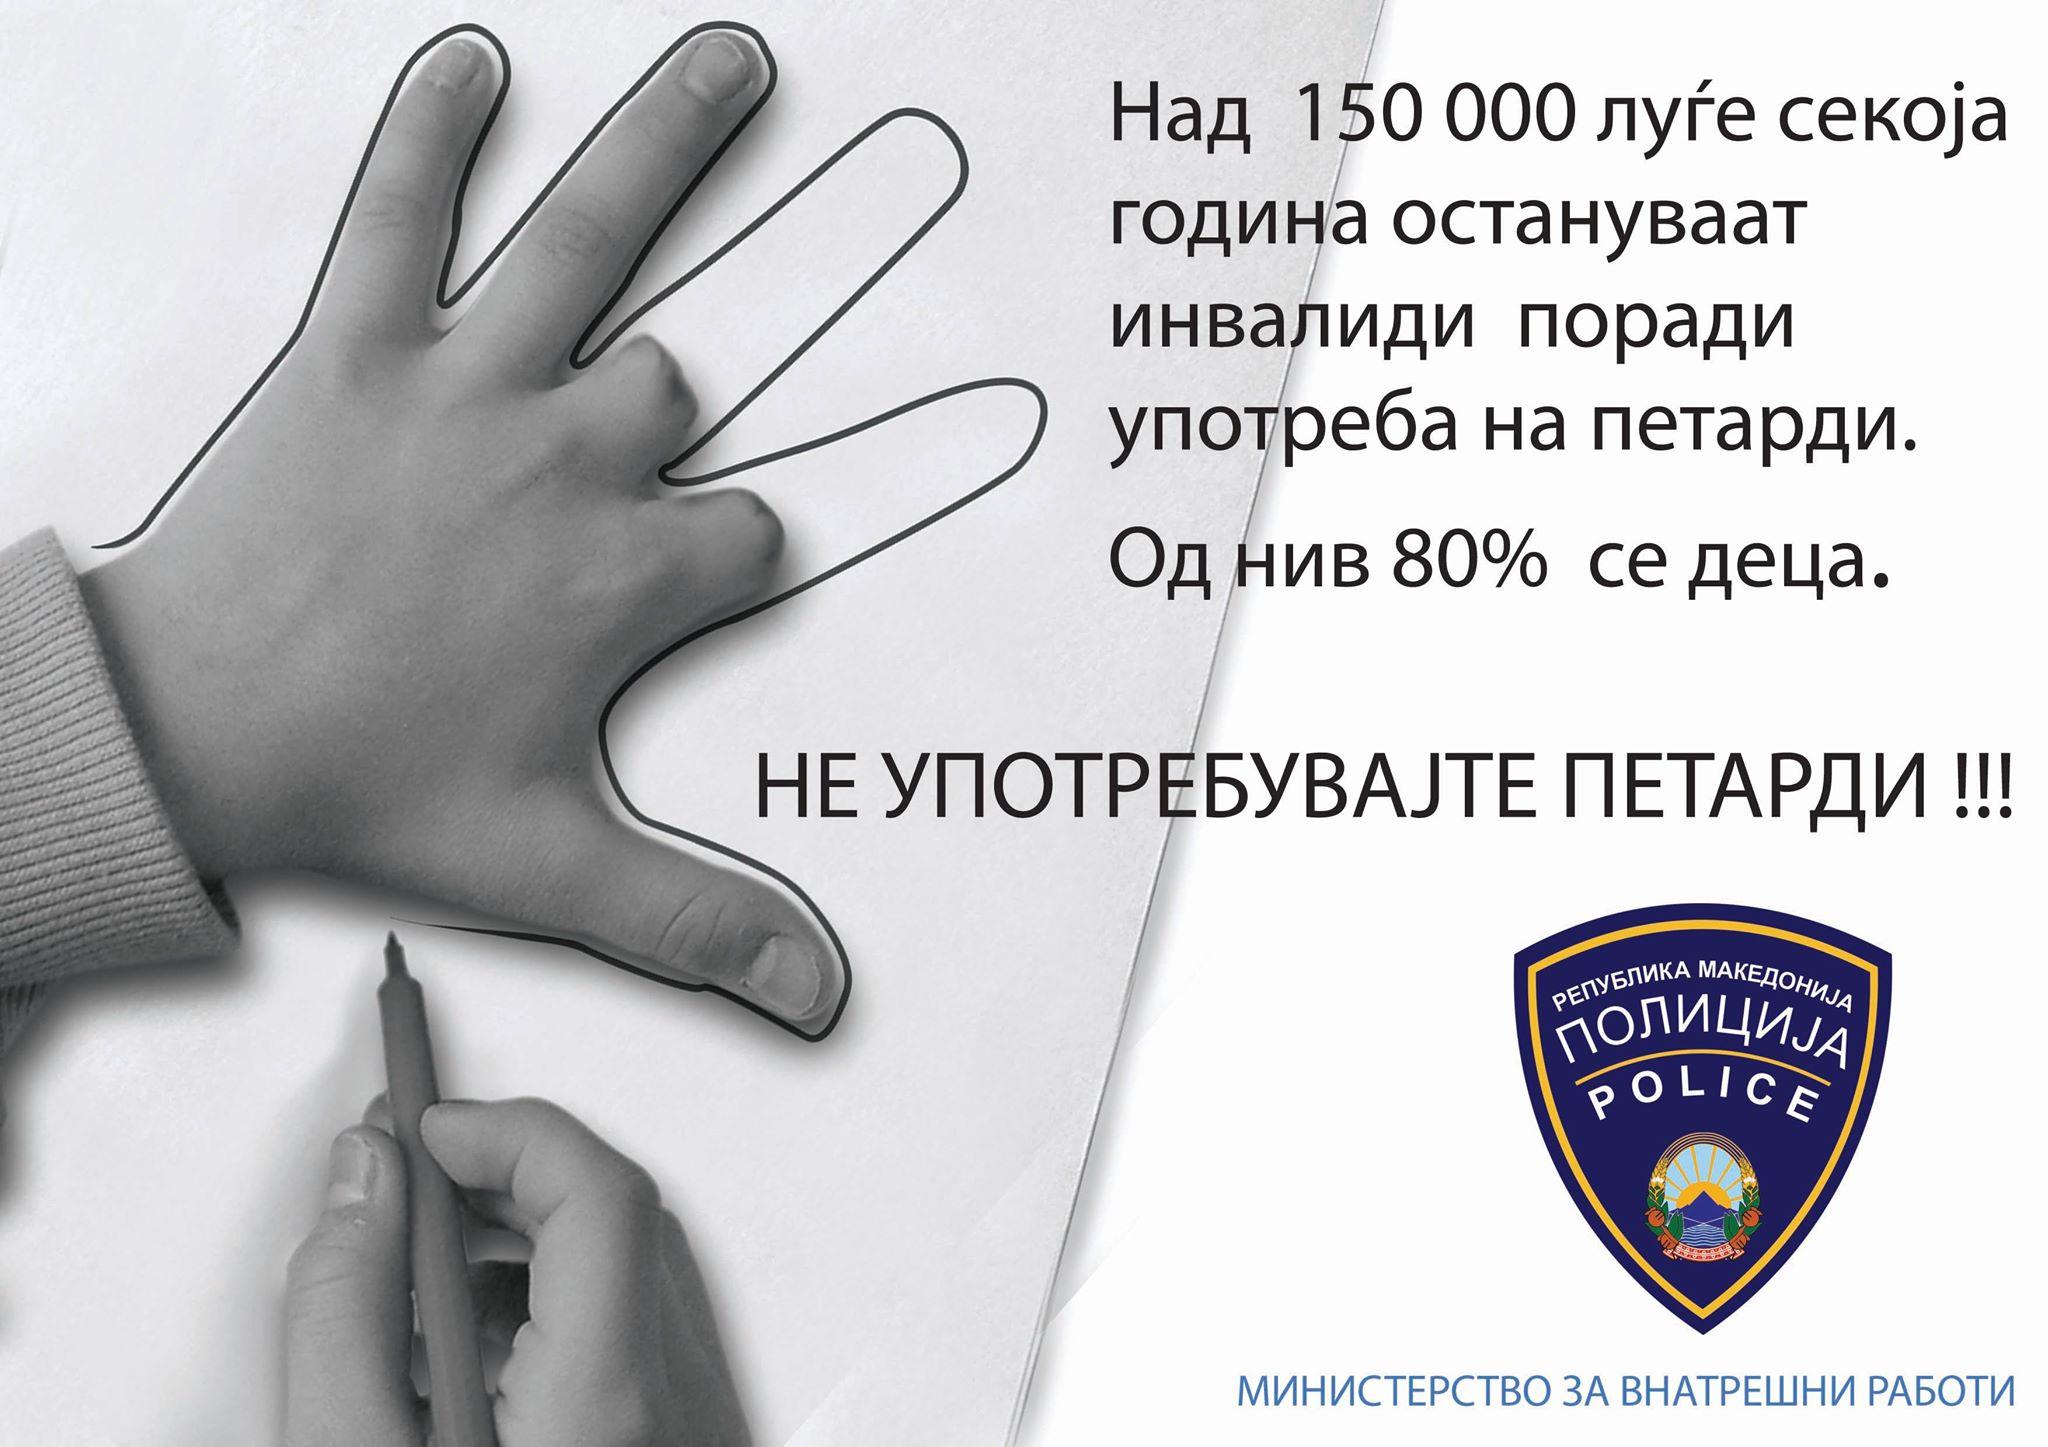 МВР: апелира до граѓаните да пријавуваат продавачи на петарди и пиротехника